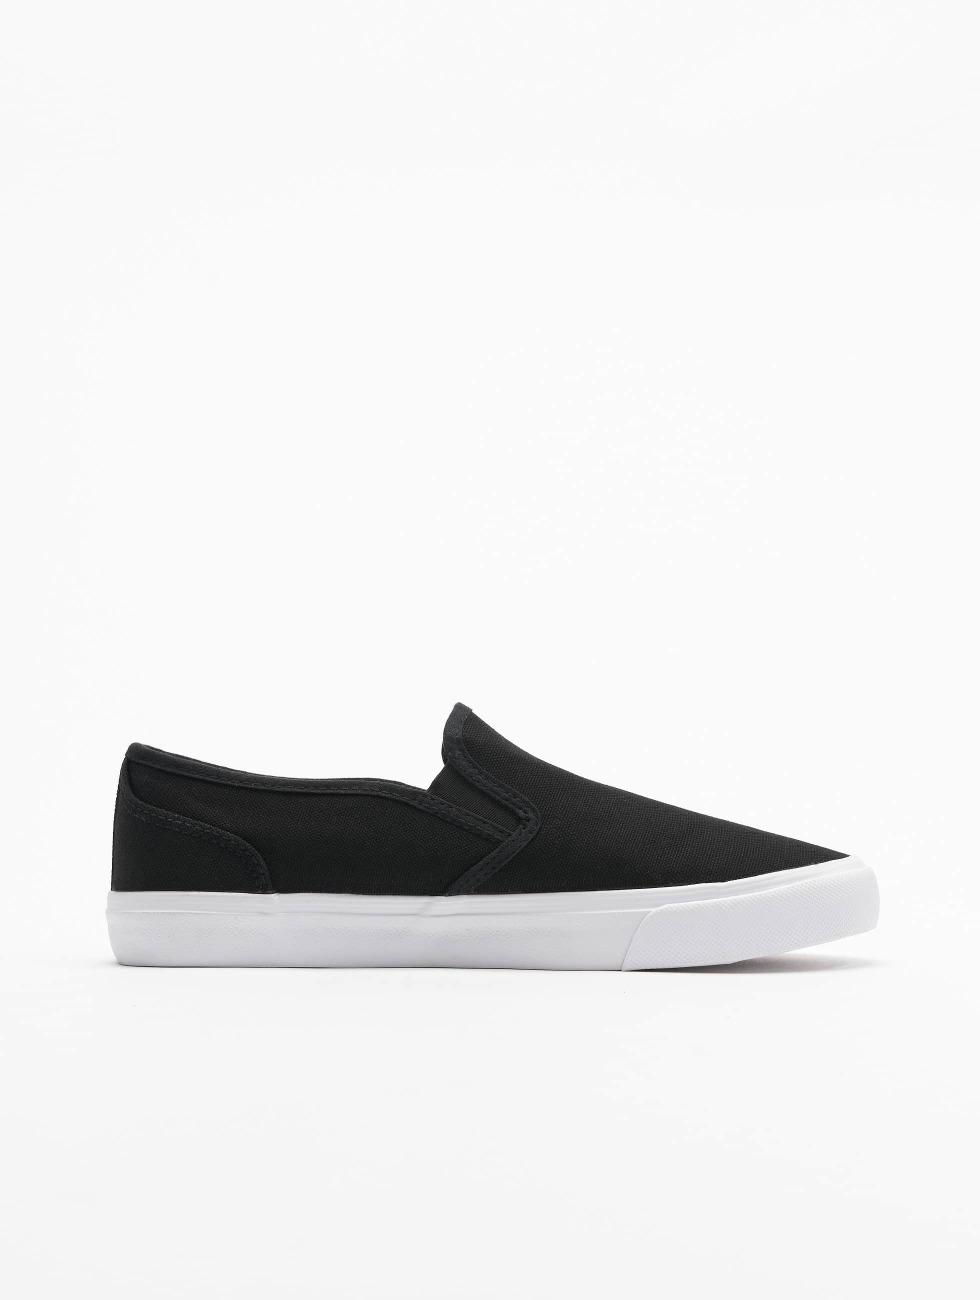 Urban Classics schoen / sneaker Low in zwart 477456 Goedkope Foto's ZWnL0AAilD